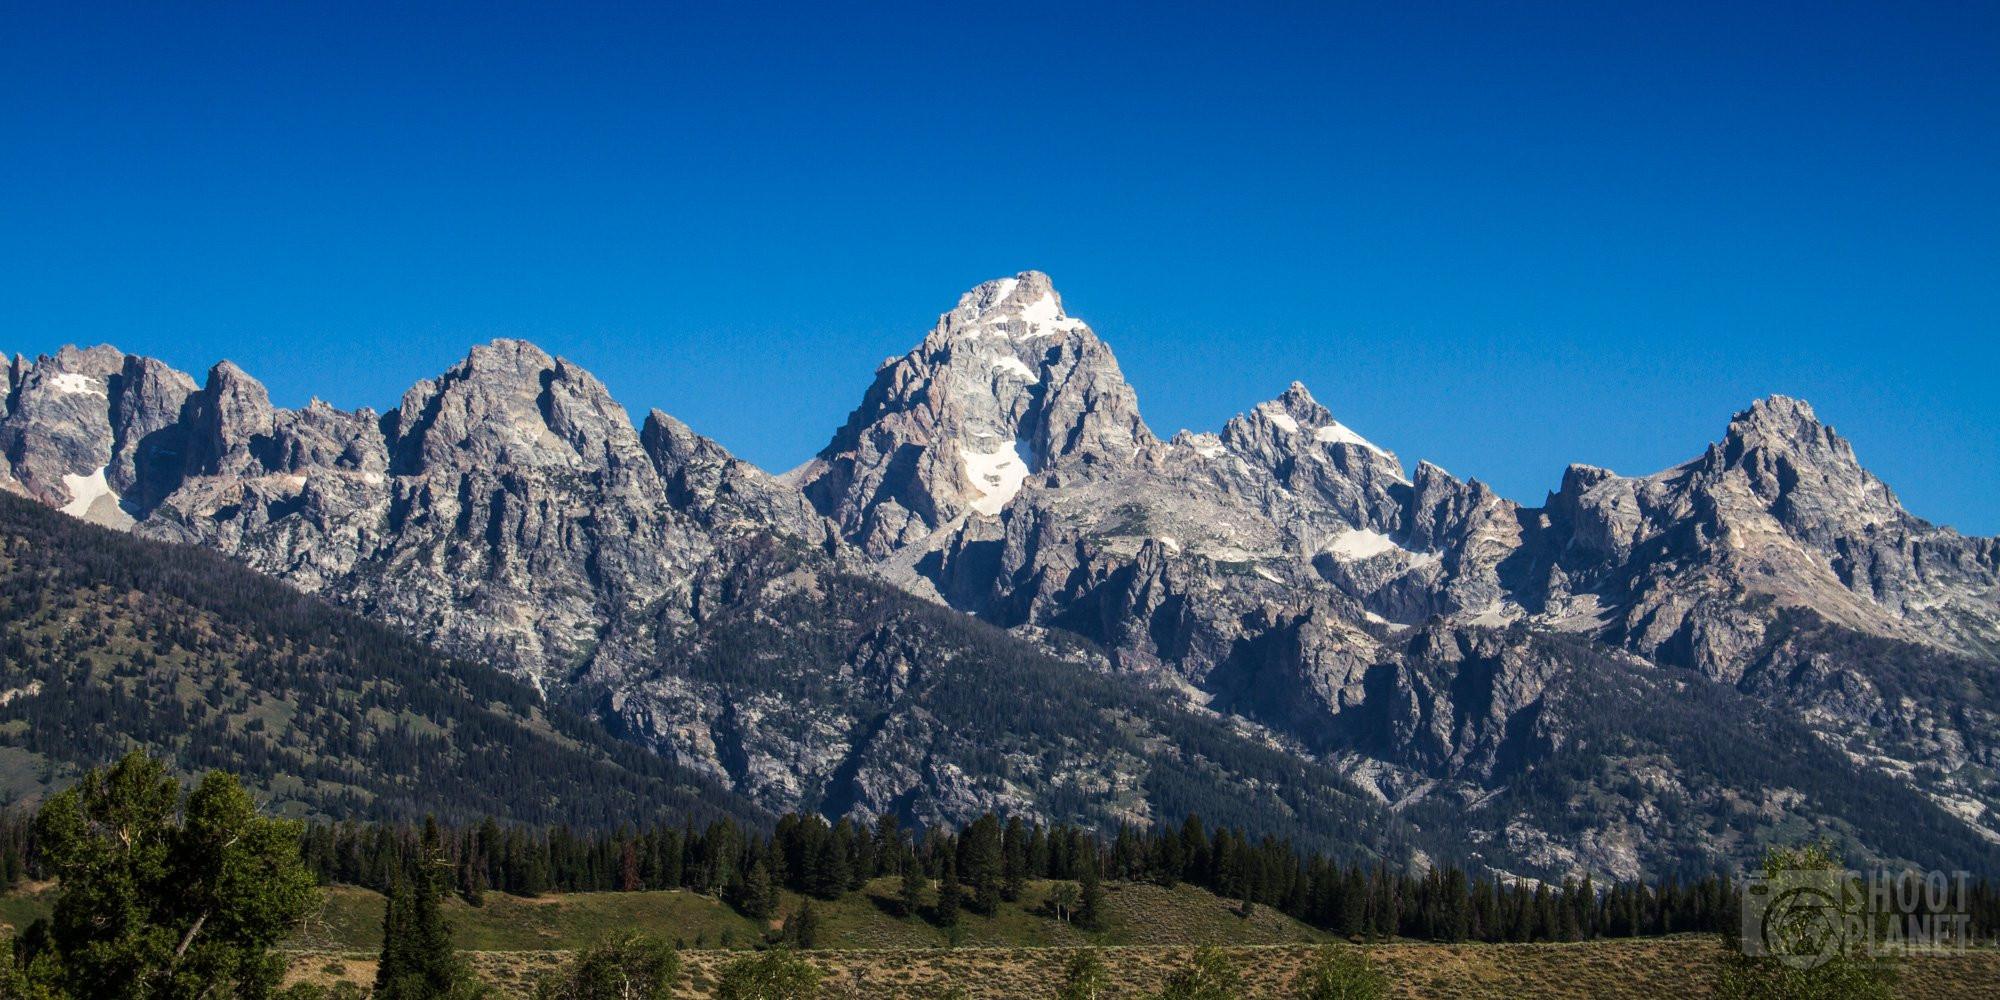 Grand Teton National Park mountains, Wyoming, USA